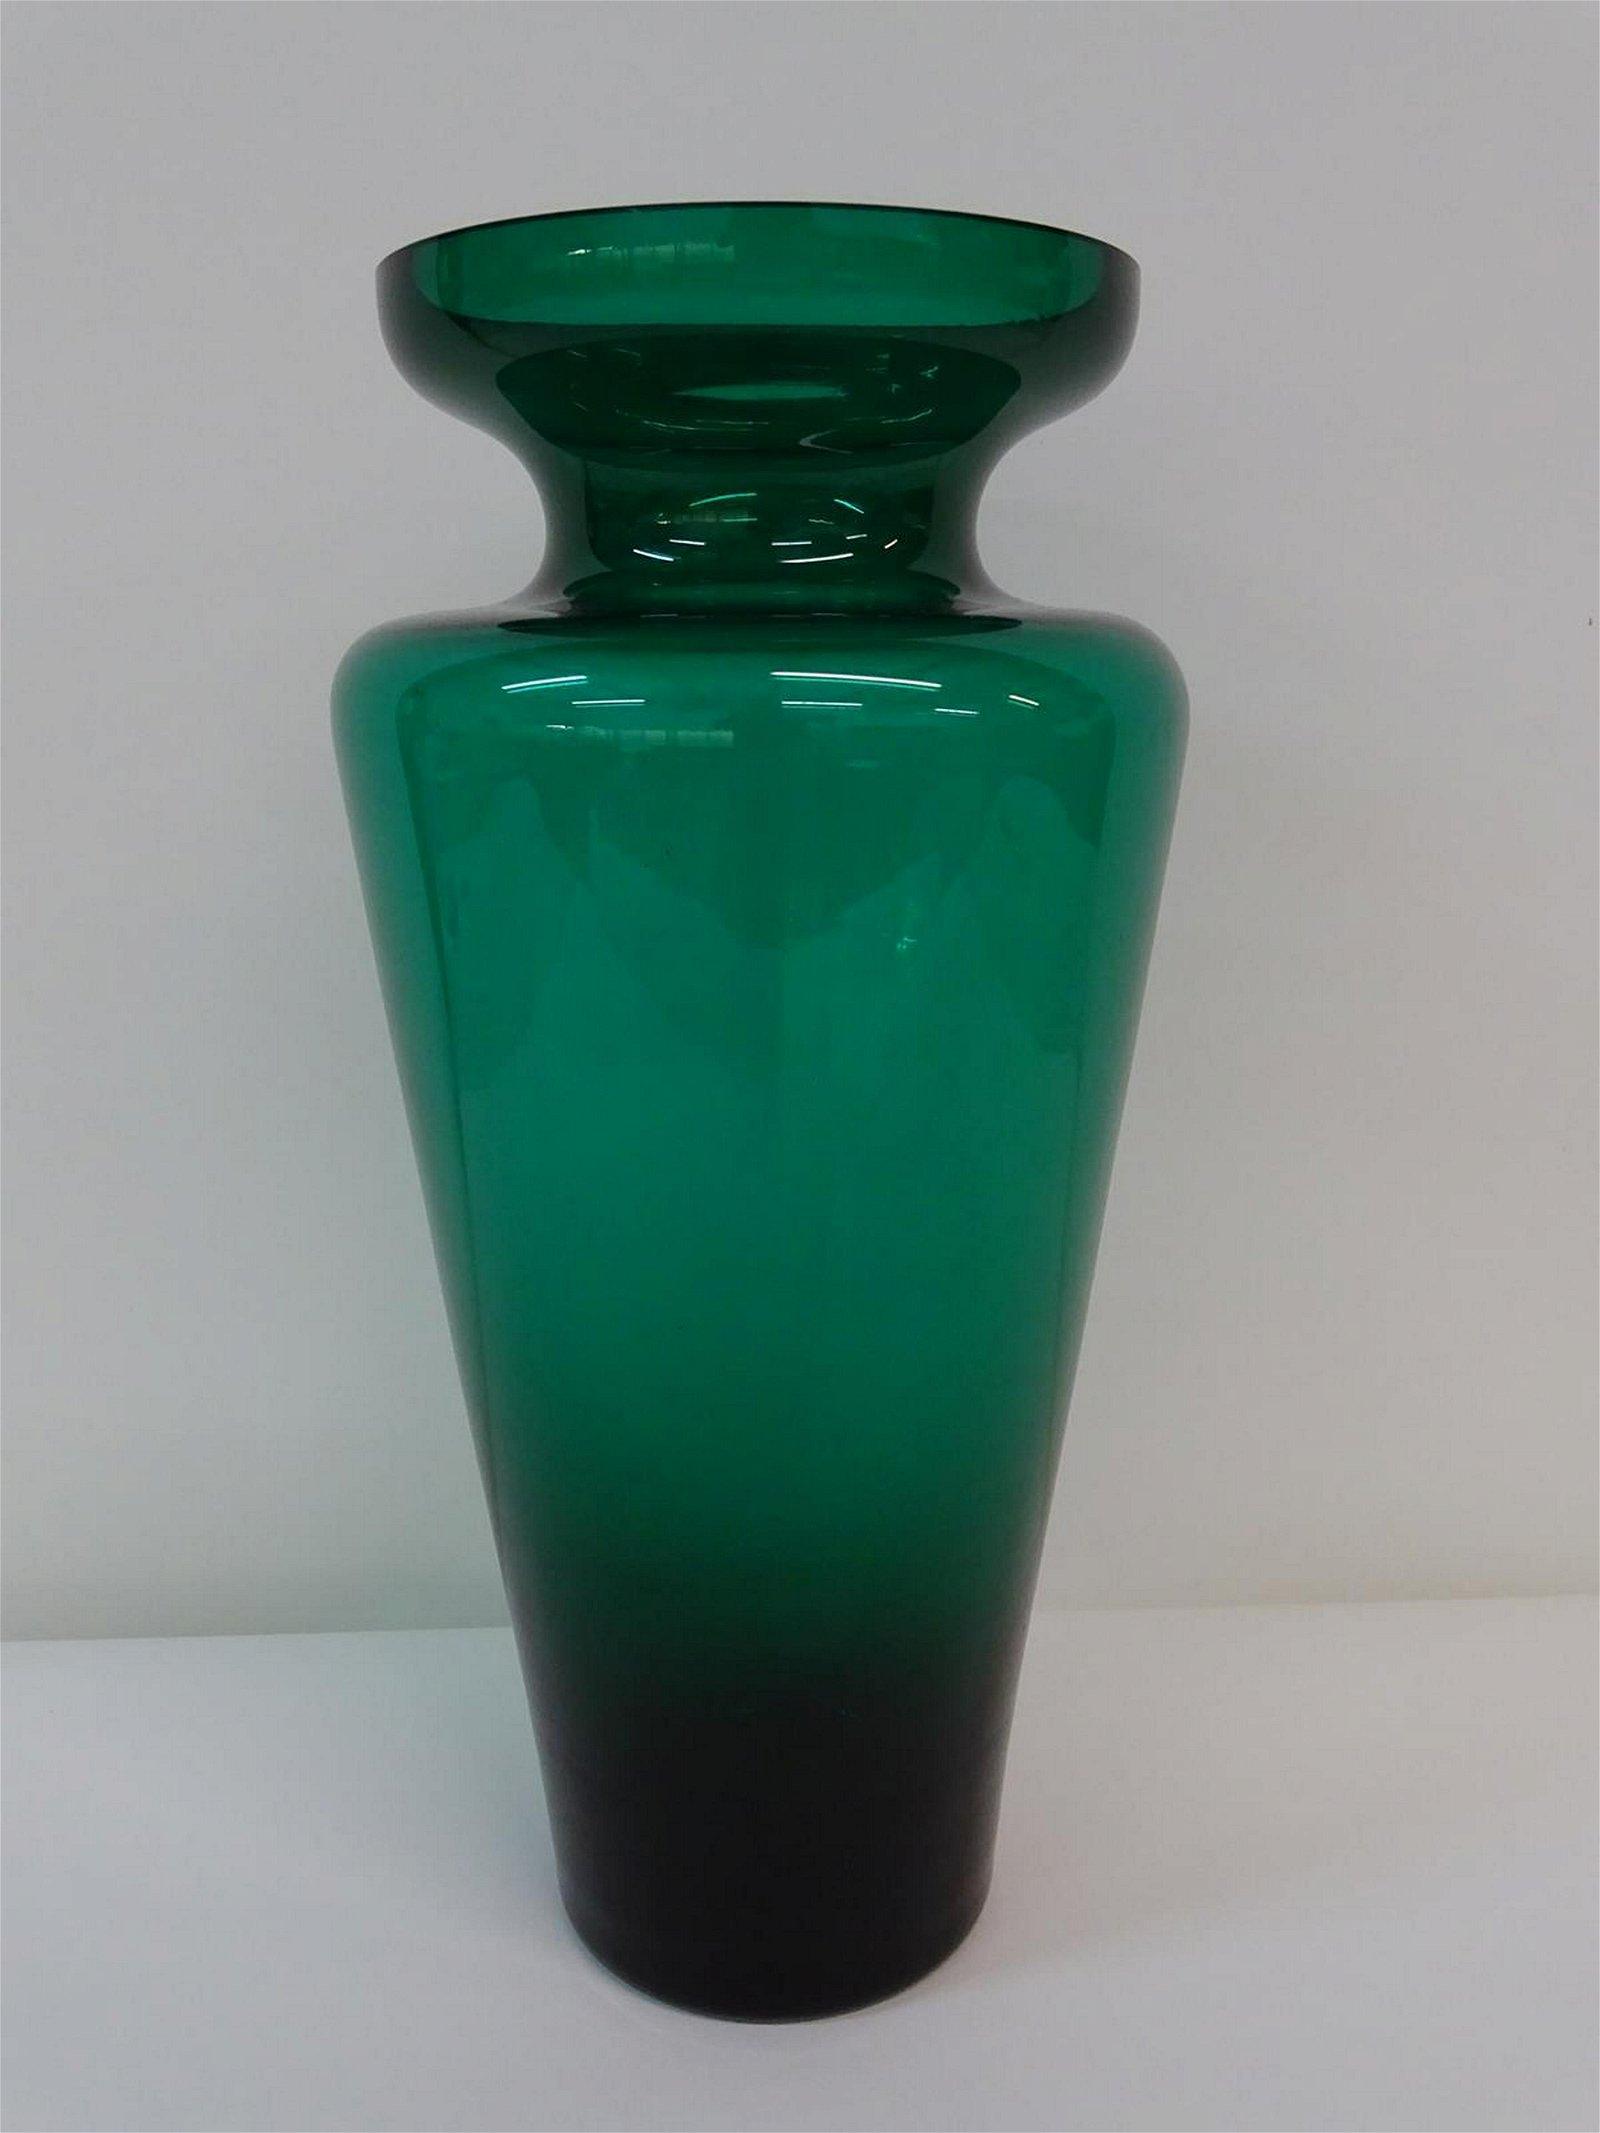 LARGE GREEN ART GLASS VASE